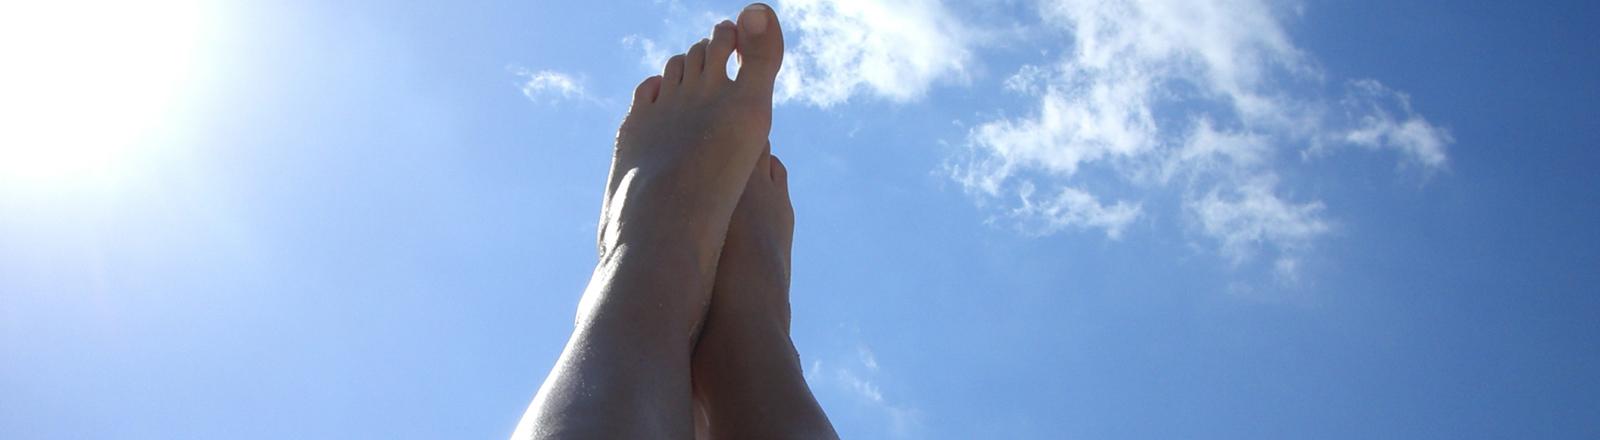 Nackte Beine werden in die Luft gestreckt